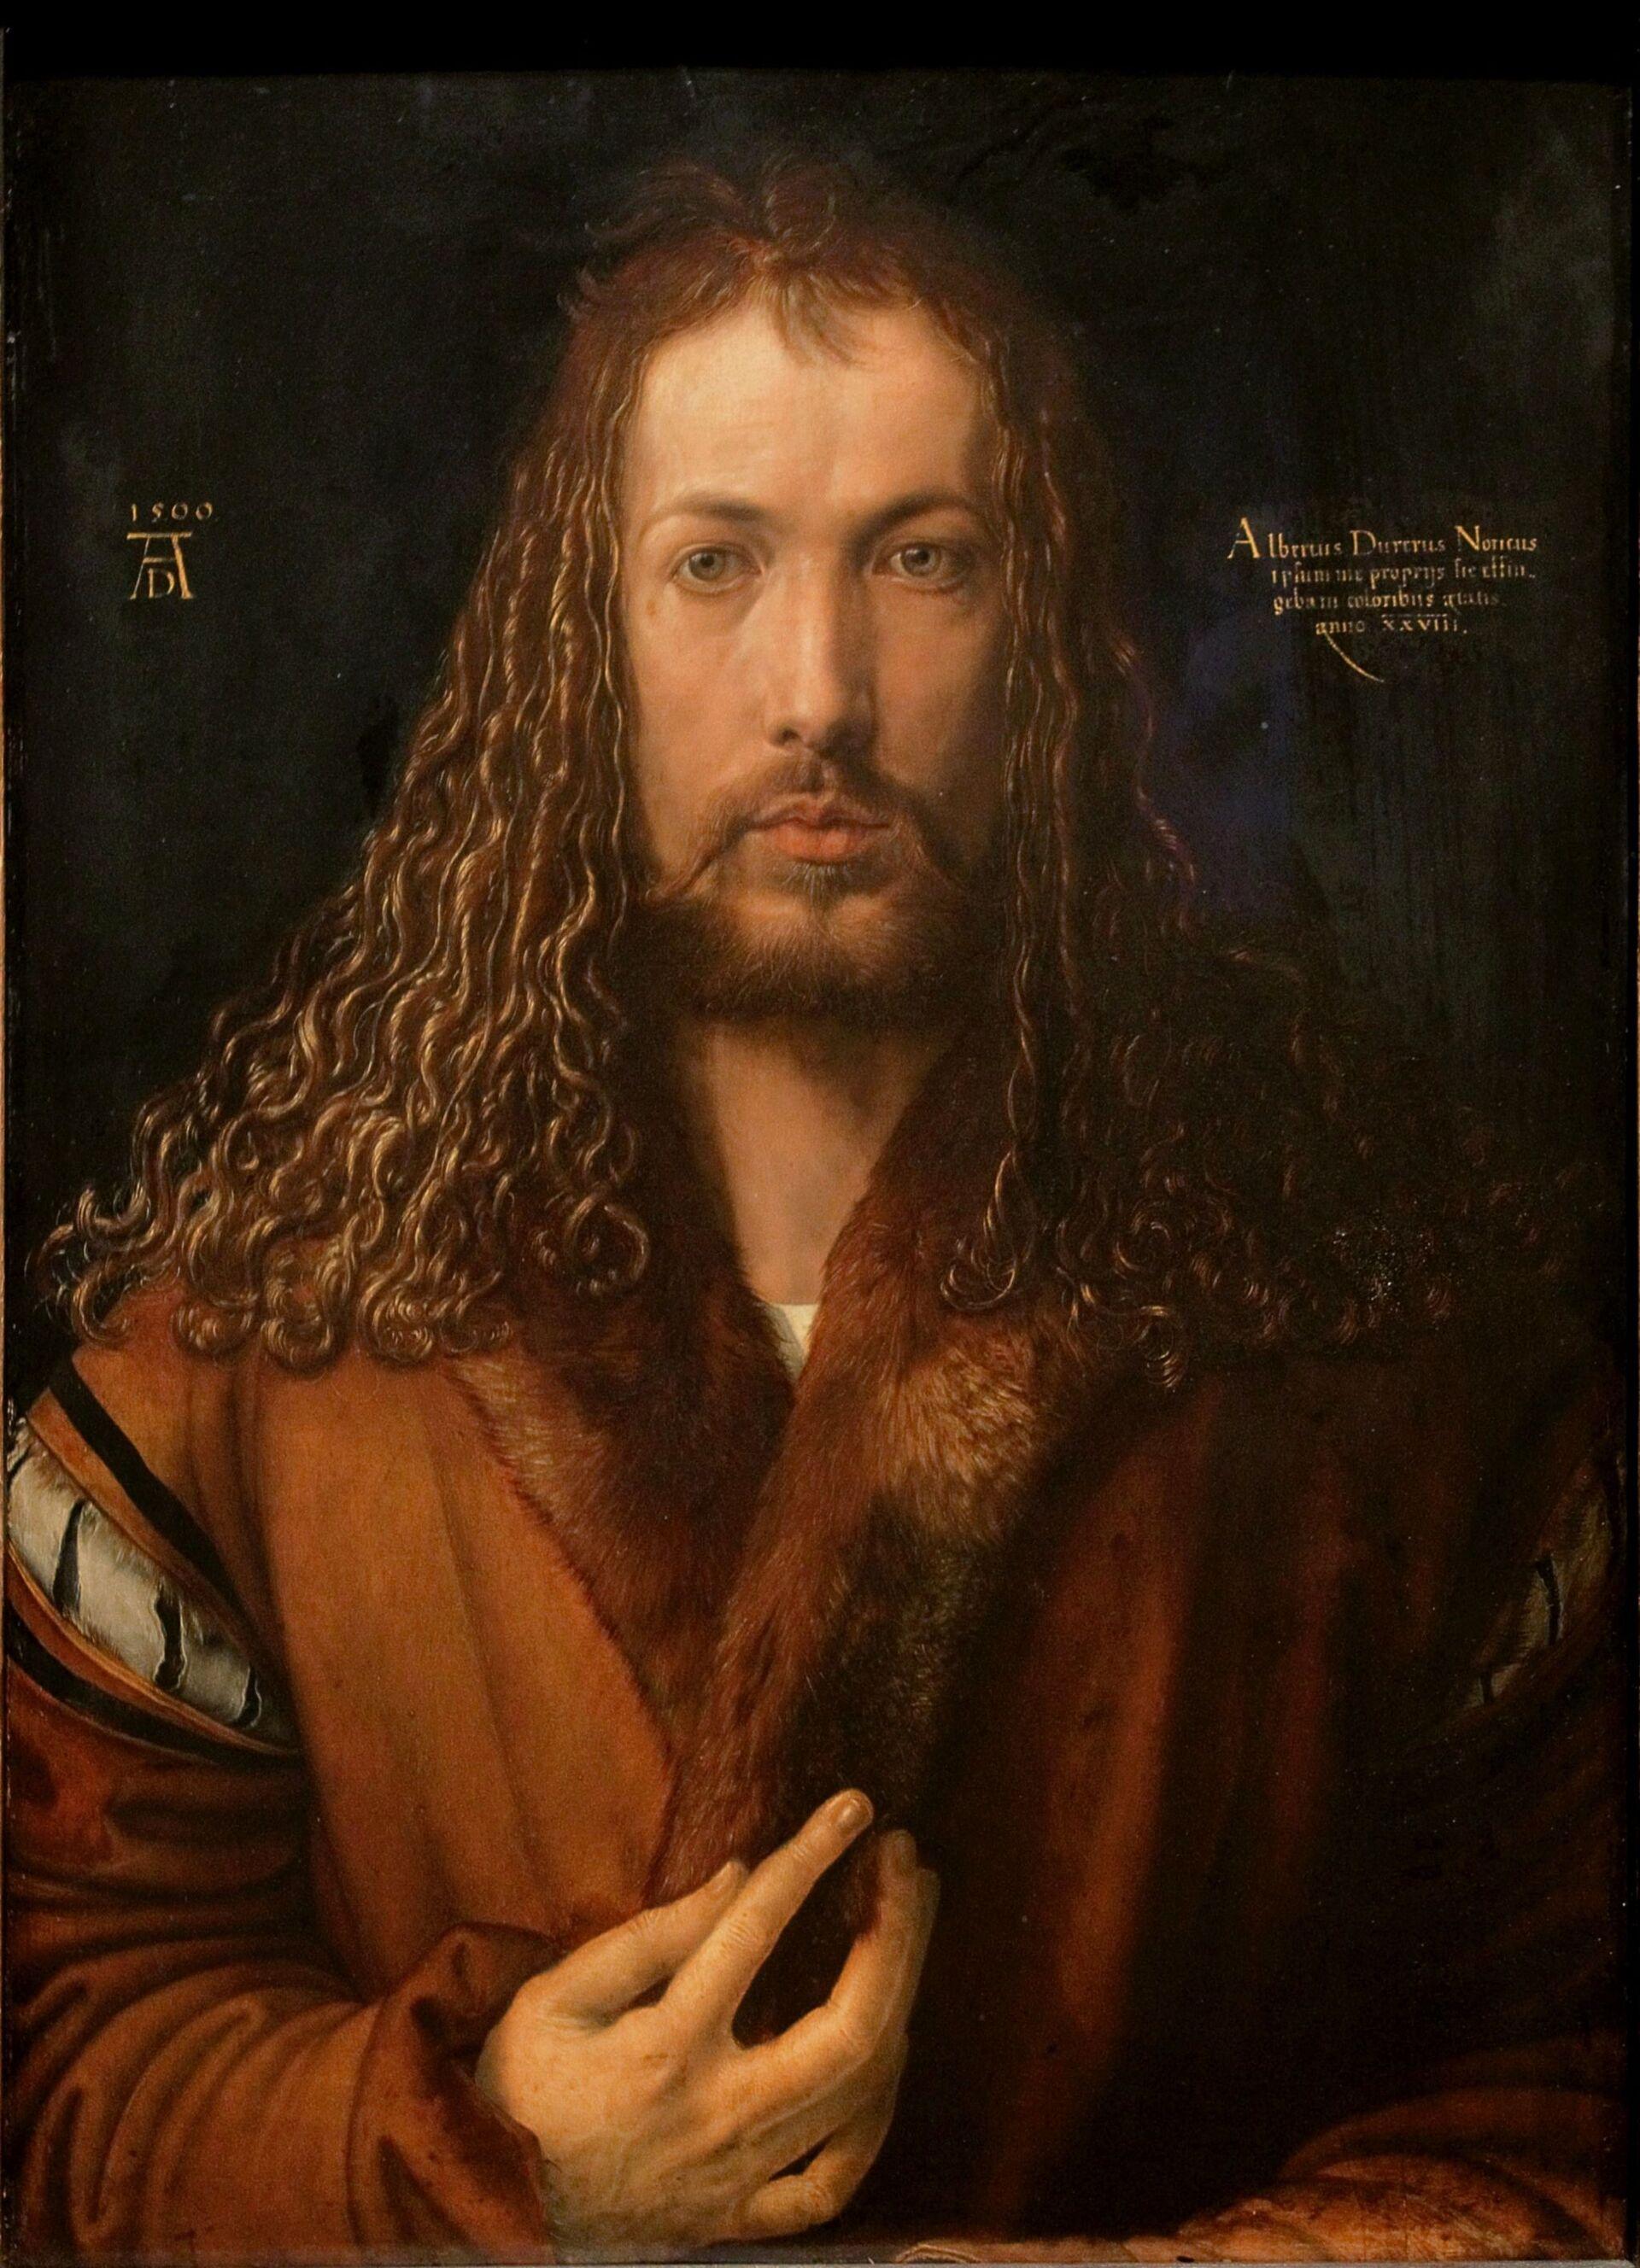 Autoritratto di Albrecht Dürer - Sputnik Italia, 1920, 18.05.2021